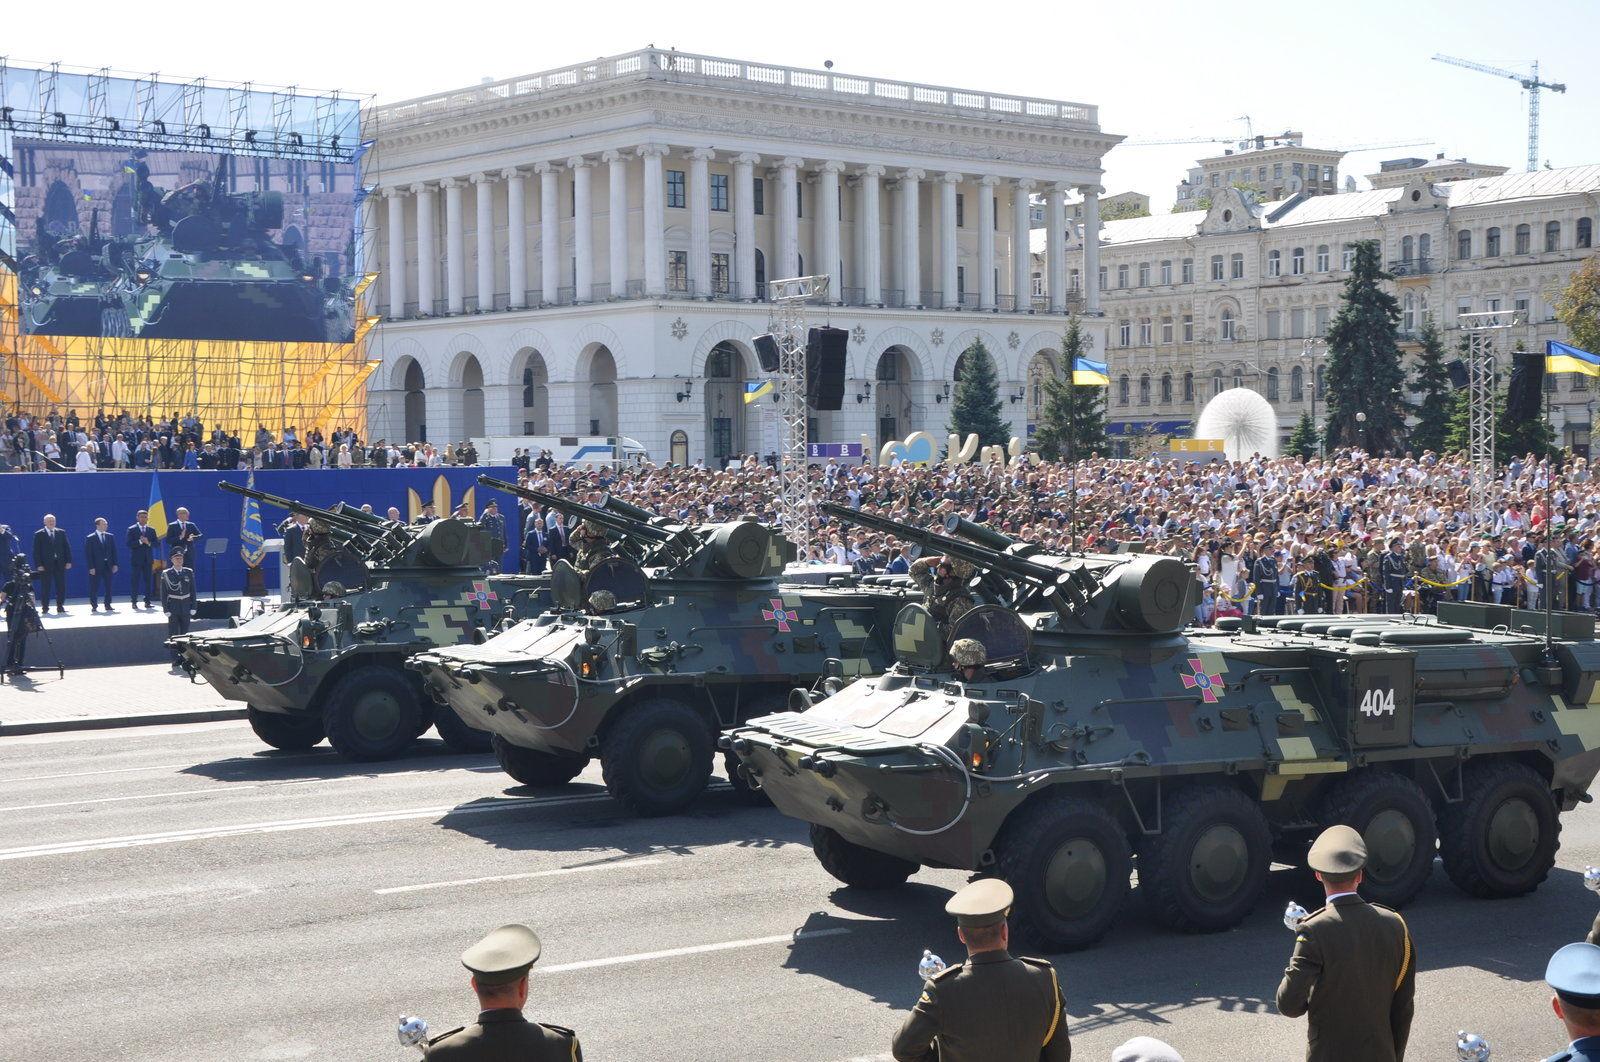 Впервые выстрелят желто-синими ракетами: что еще нового будет на грядущем военном параде